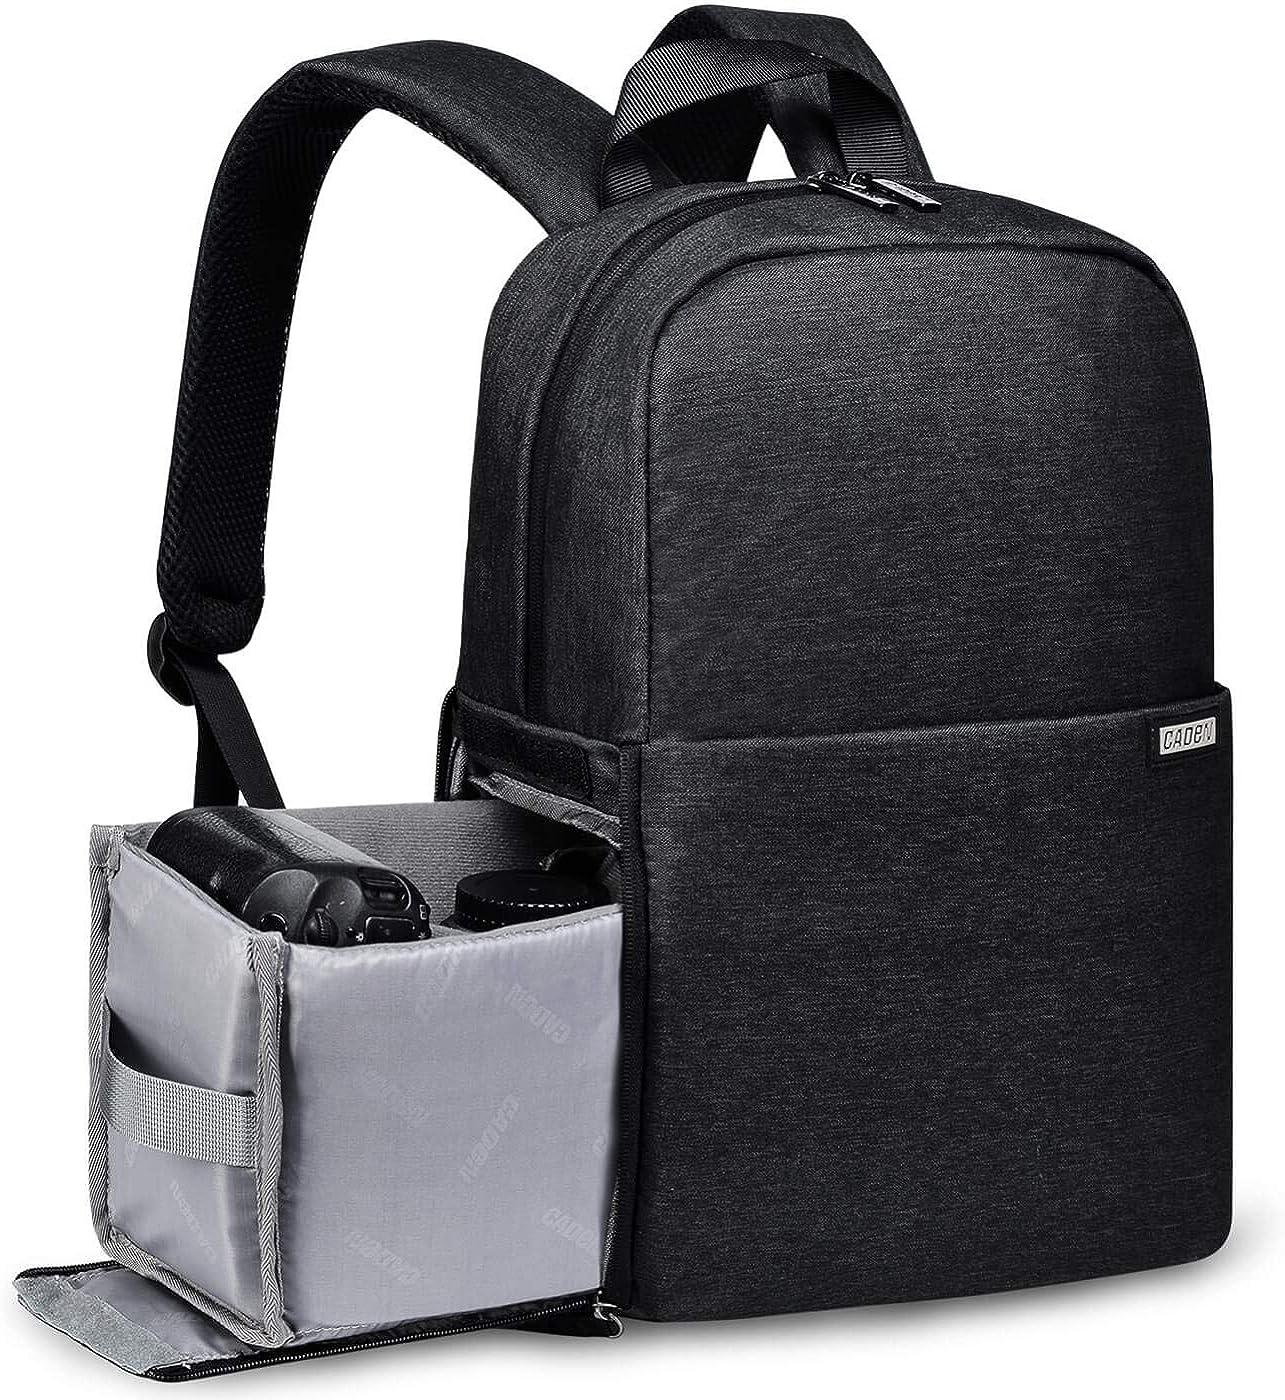 Caden Kamerarucksack Wasserabweisend Kameratasche Dual Use Dslr Bag Diebstahl Fotorucksack Kompatibel Mit Spiegelreflexkamera Canon Nikon Sony Stativ Schwarz Bekleidung